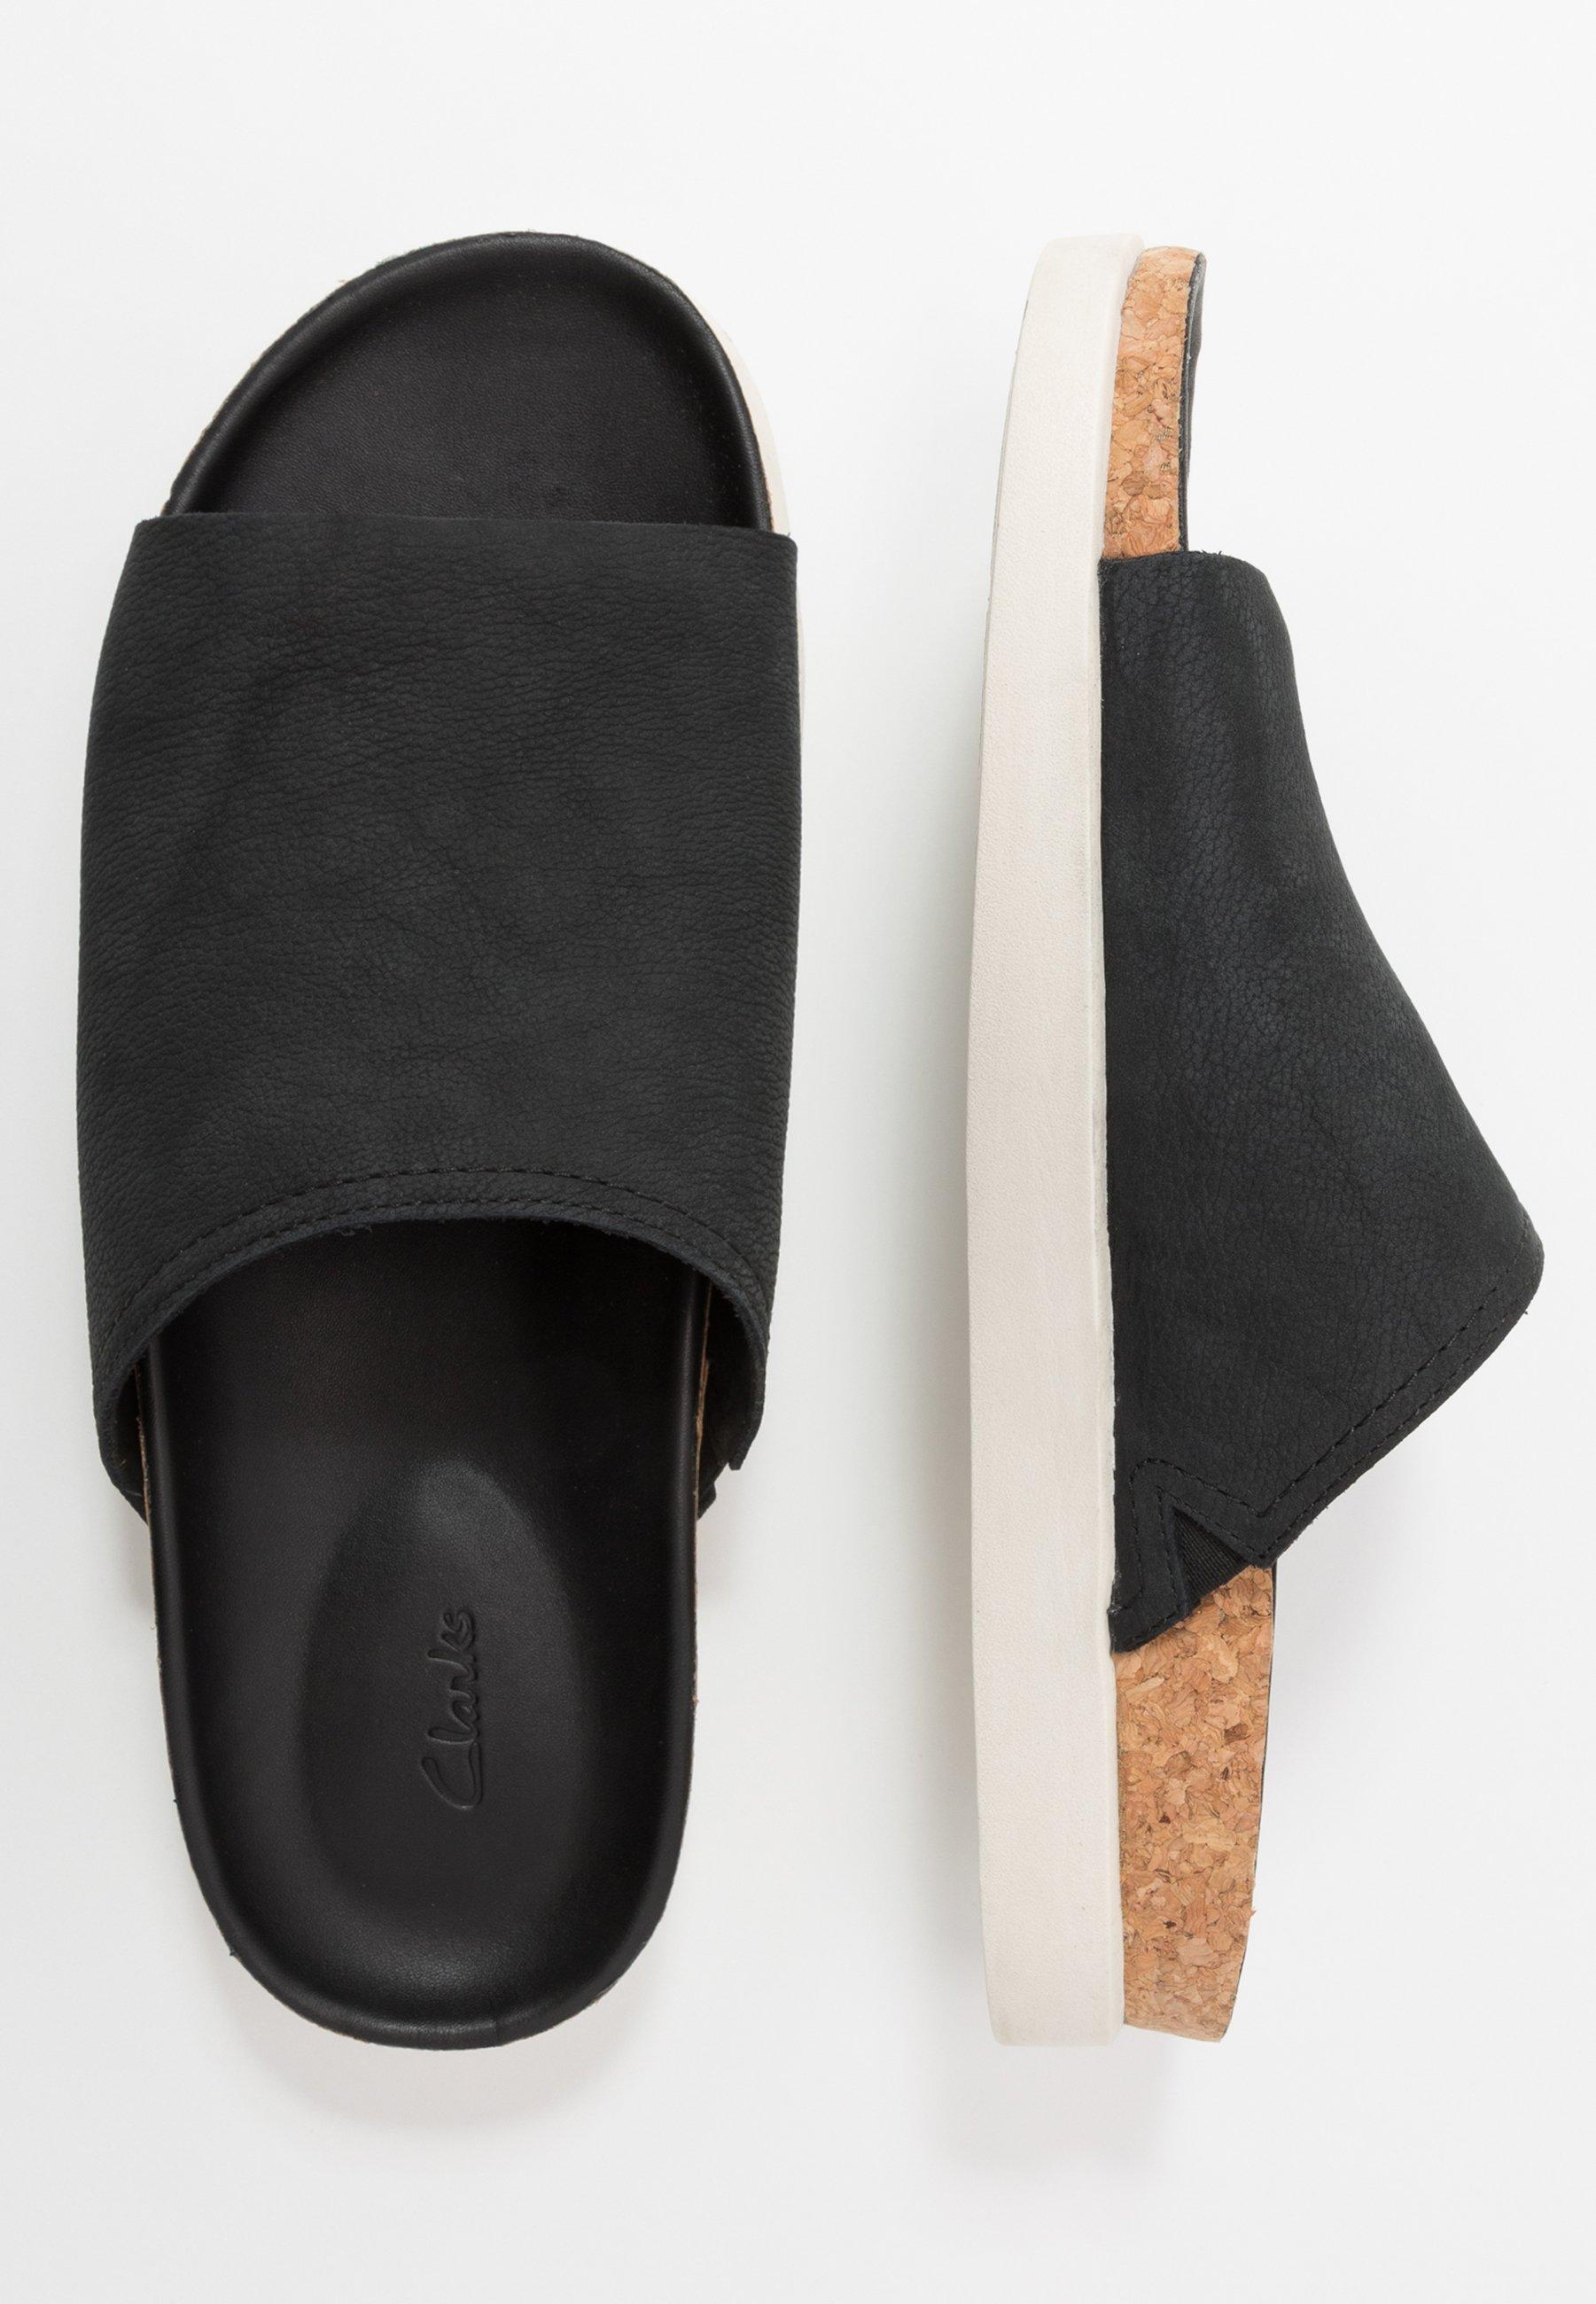 Clarks Sunder Slide - Mules Black